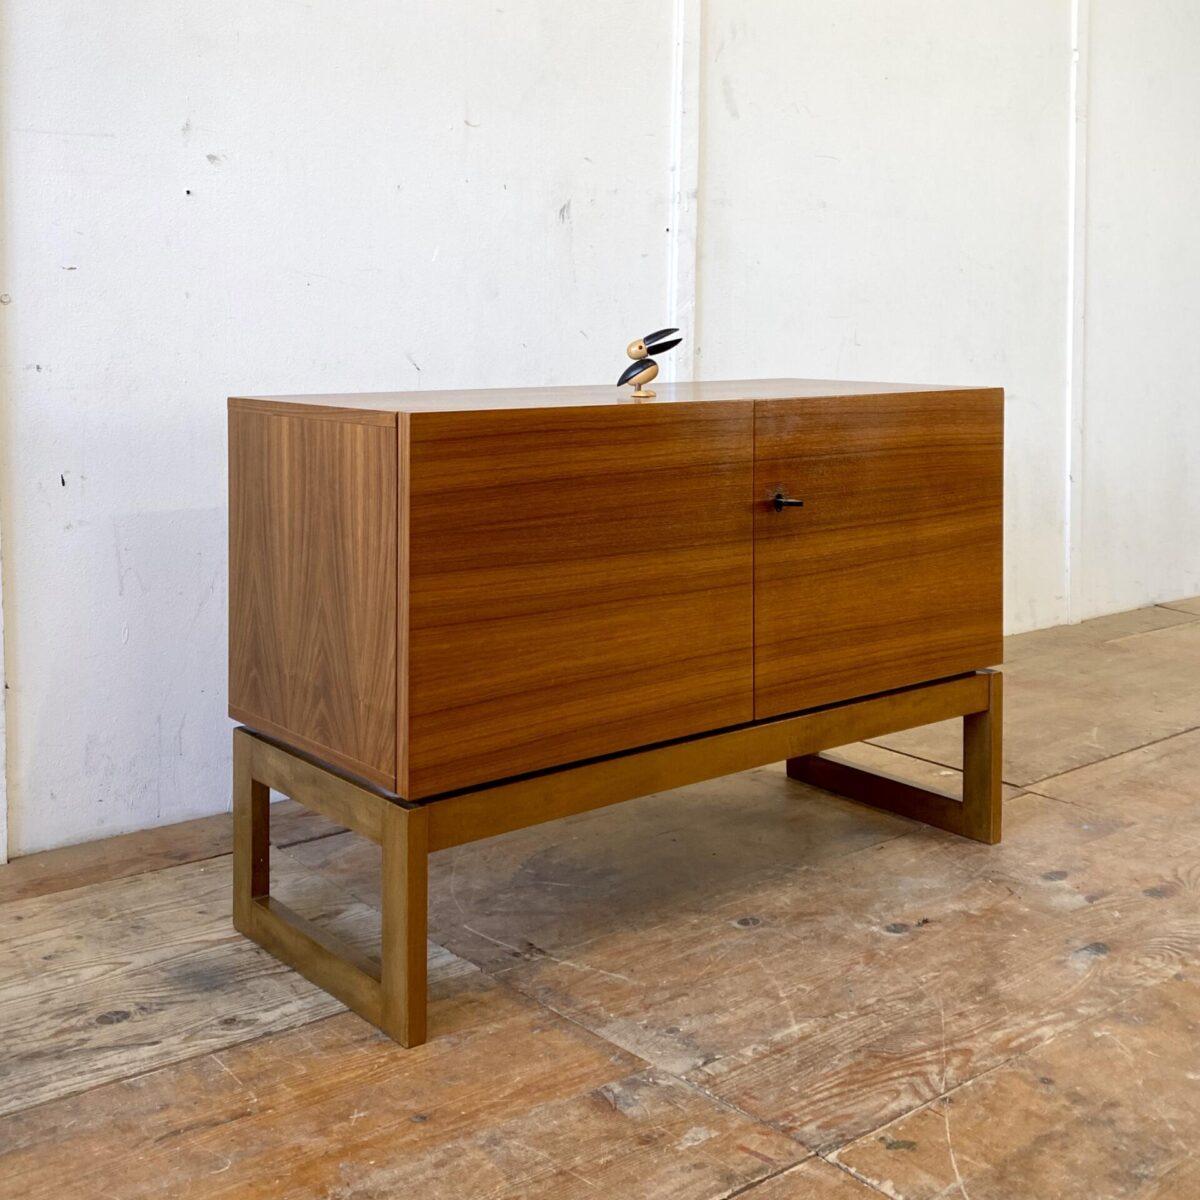 Deuxieme.shop midcentury sideboard Swiss design. Schlichte Schweizer Nussbaum Kommode. 95x40.5cm Höhe 62.5cm. Die Rückseite des Sideboard ist auch mit Nussbaum Furnier verarbeitet.